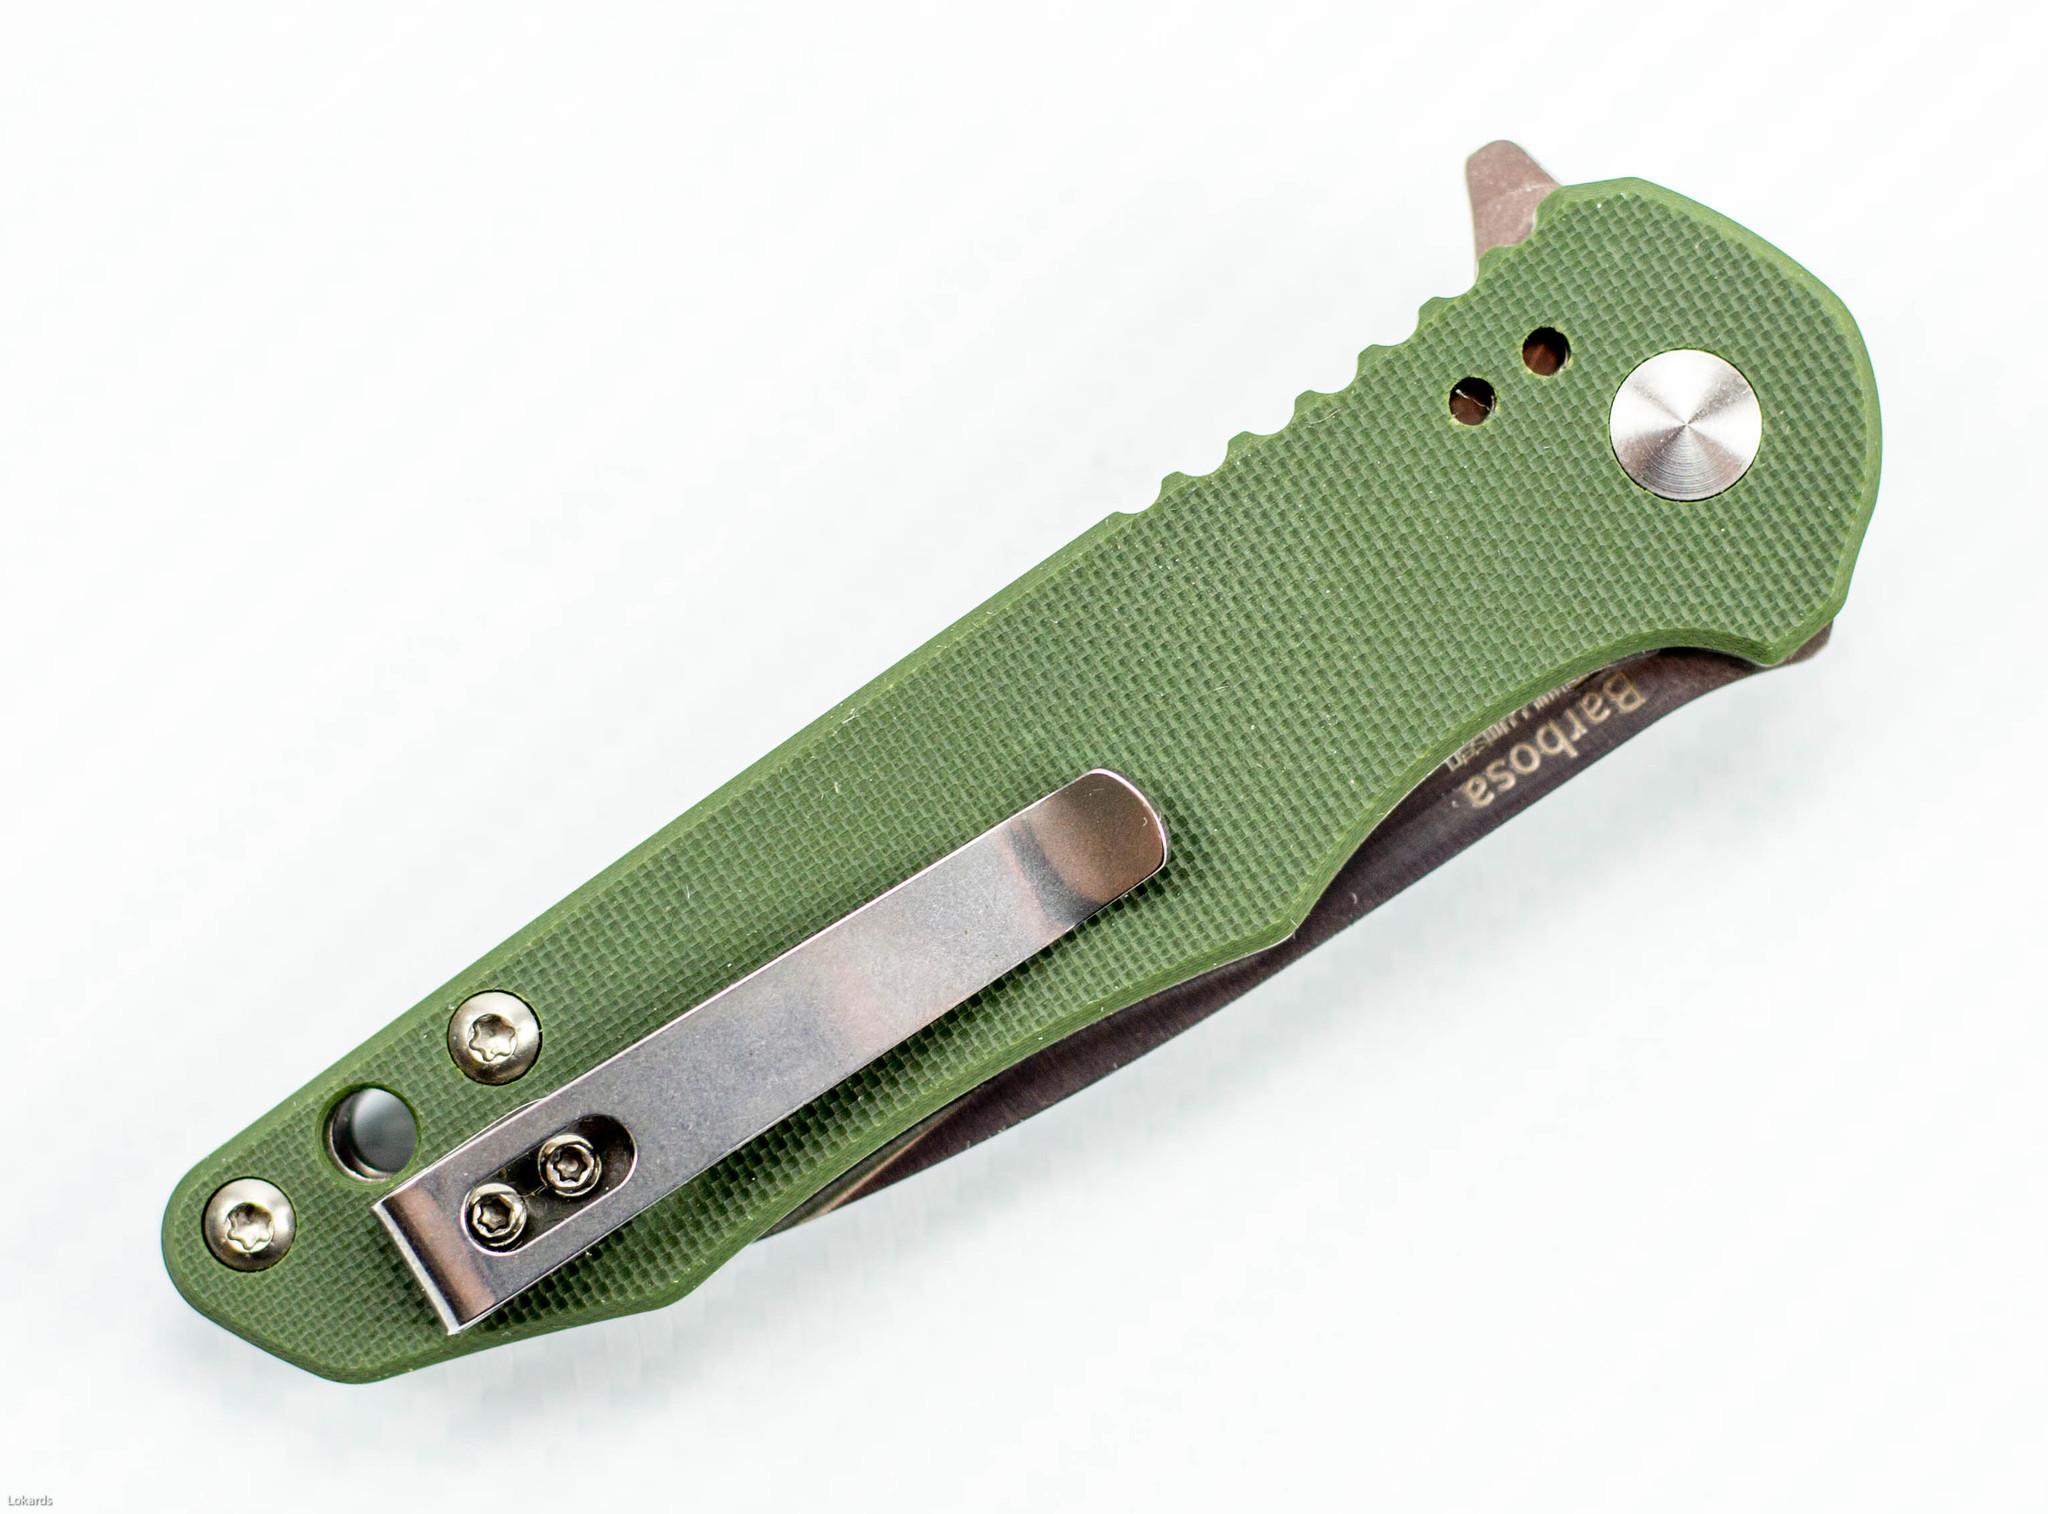 Фото 8 - Складной нож Kizer Cutlery Vanguard Mikkel Willumsen Barbosa-2